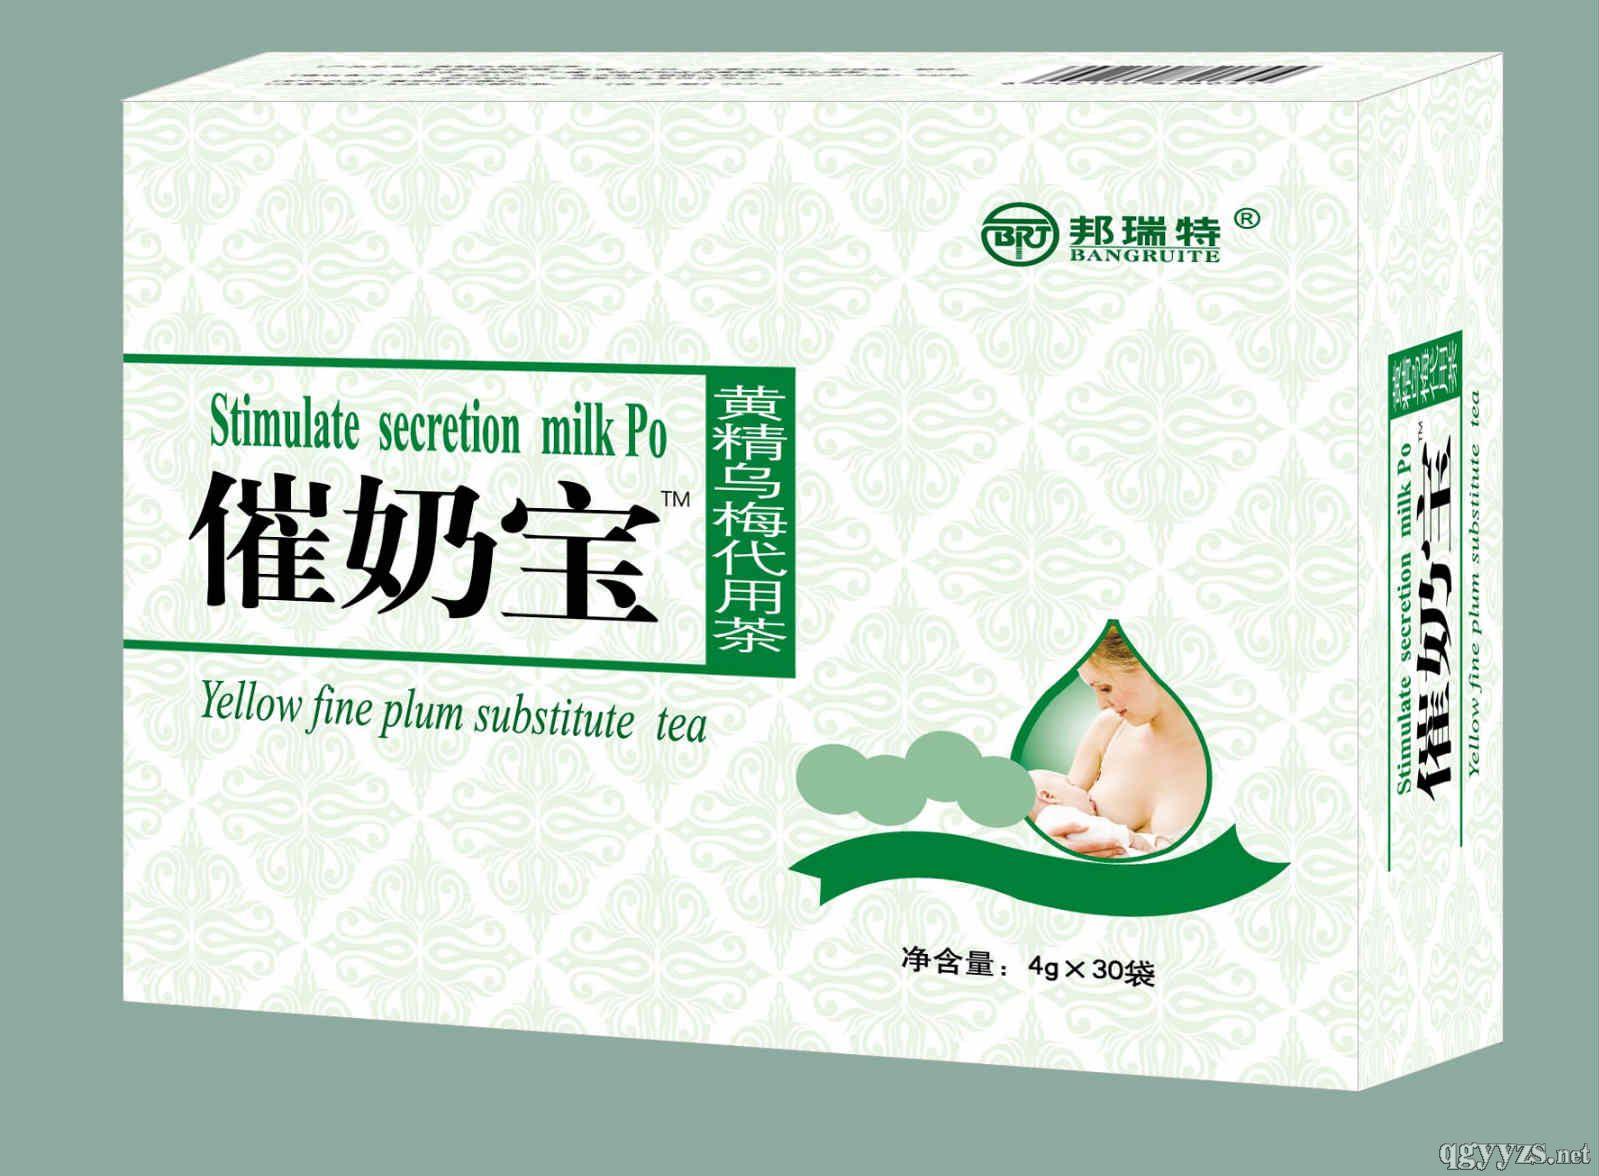 催奶宝-黄精乌梅代用茶